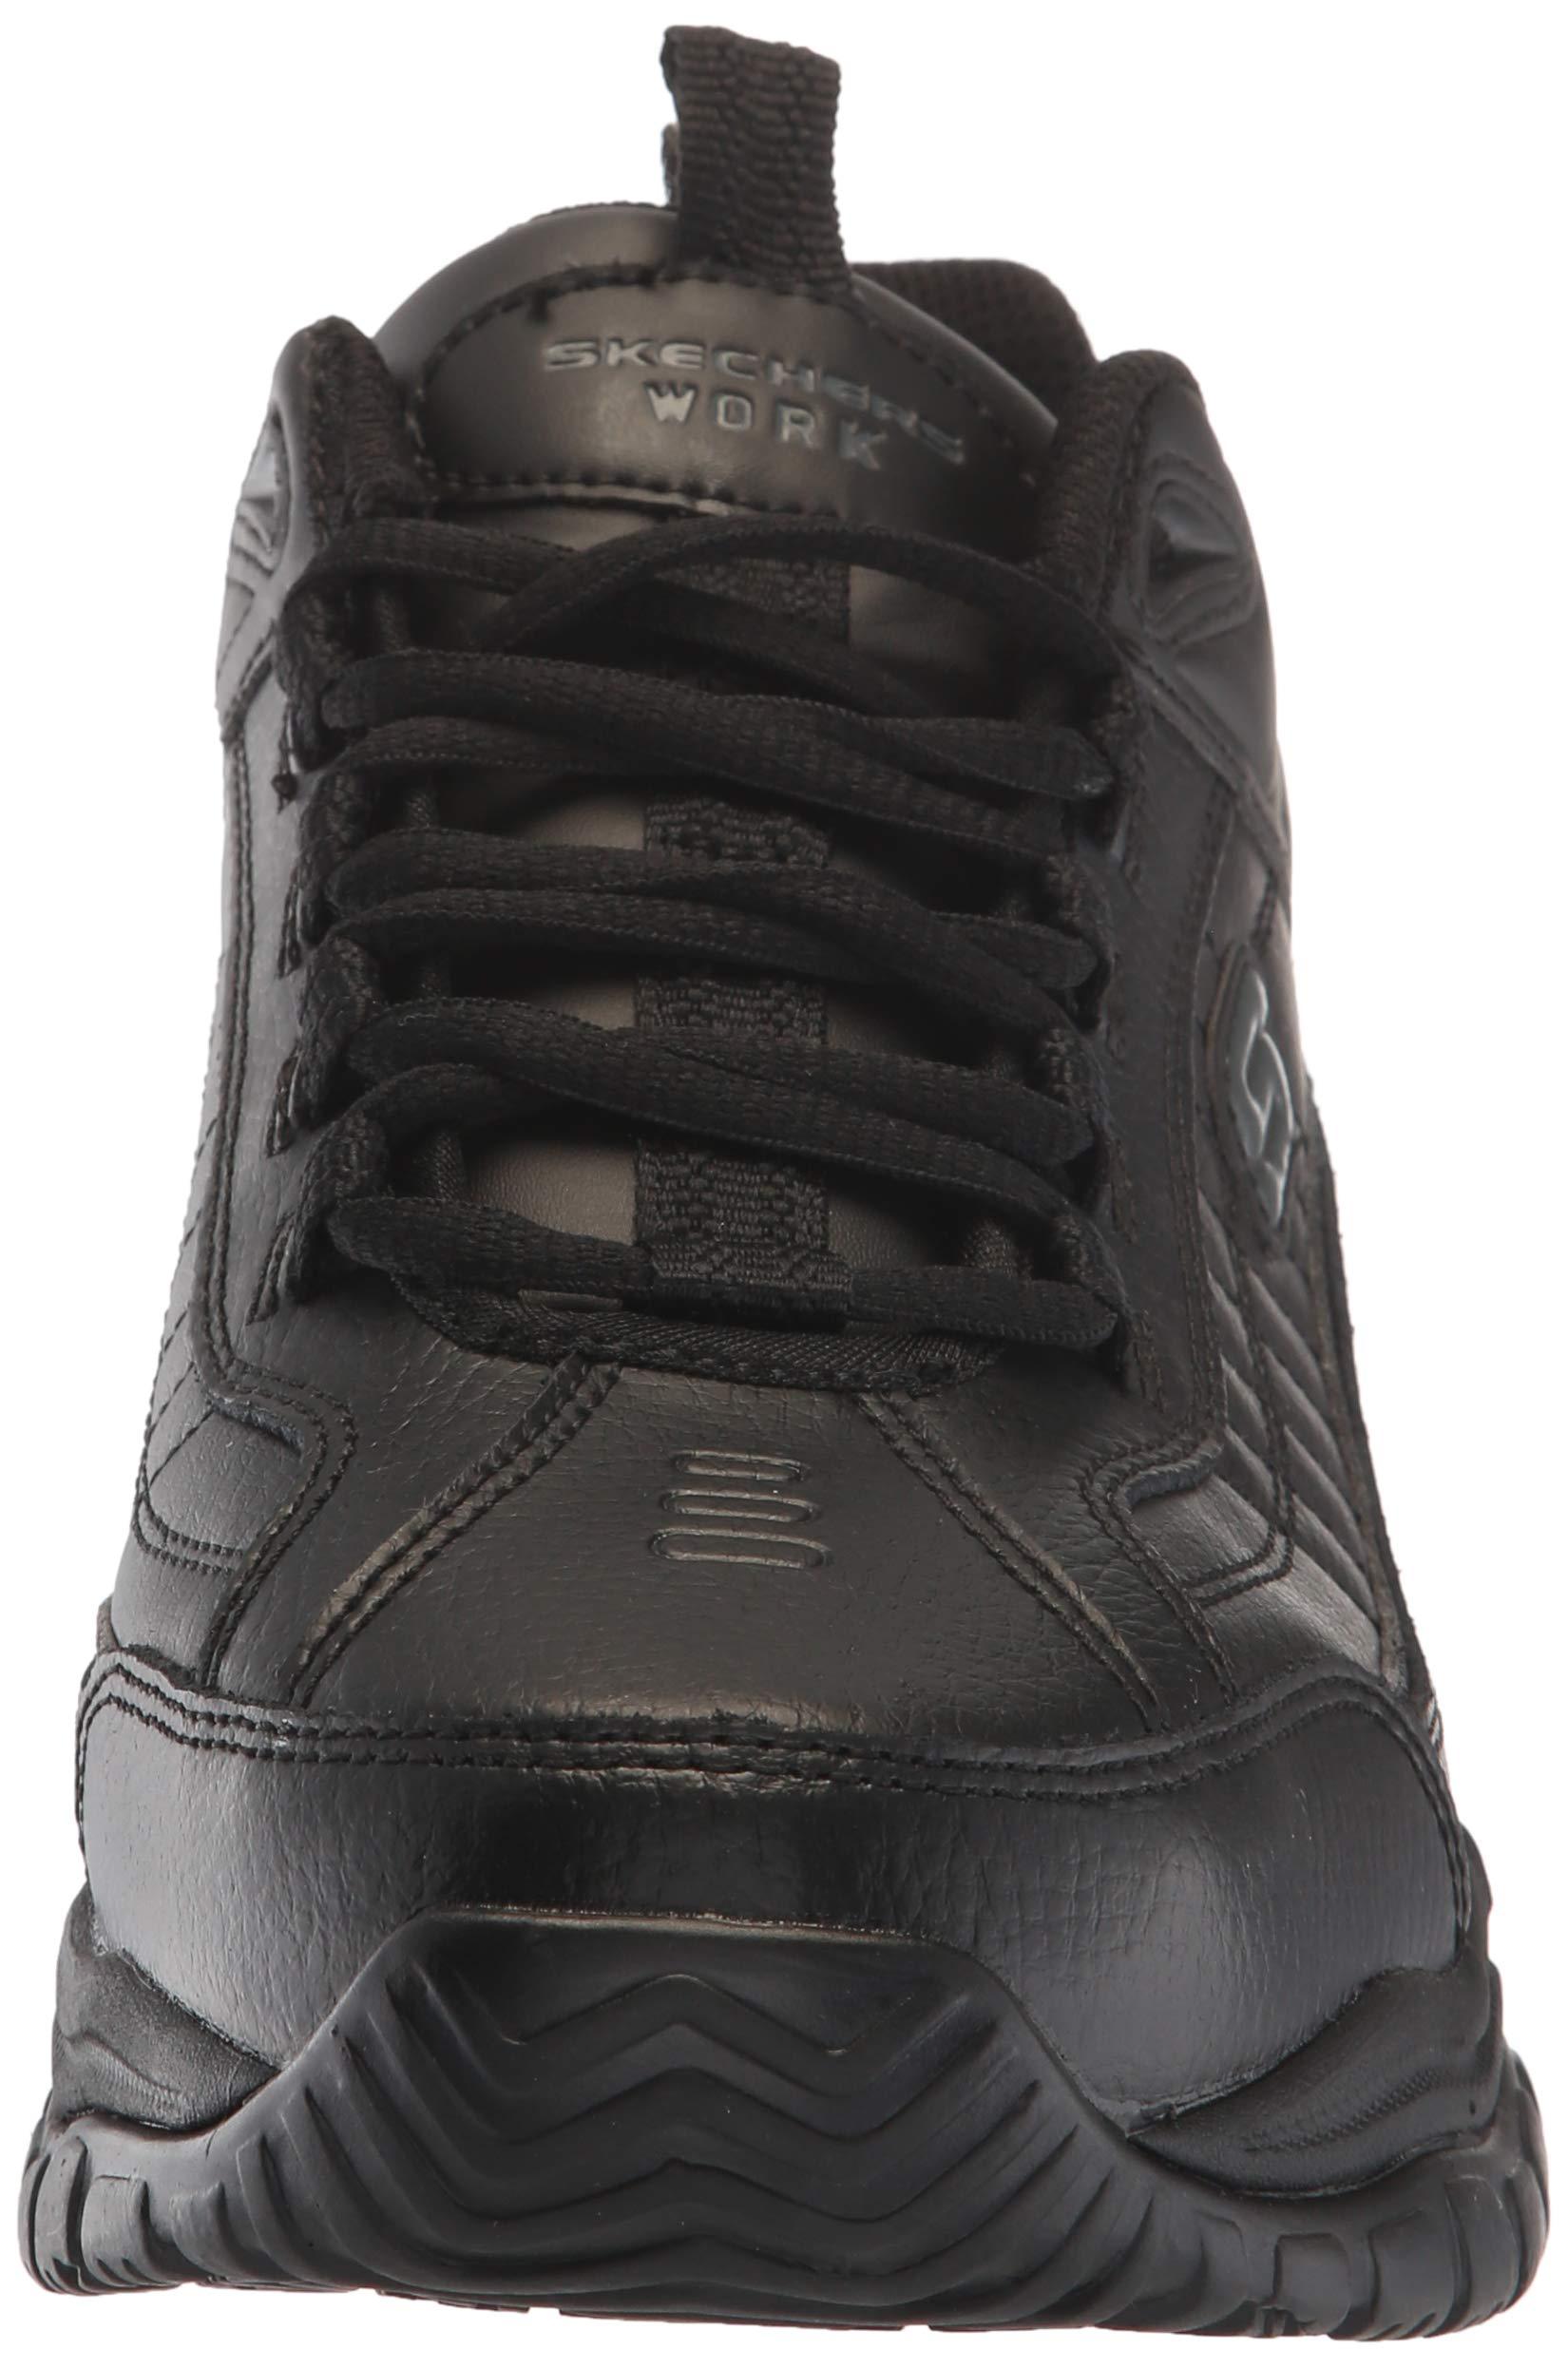 Skechers Men's Soft Stride - Galley Black Smooth Lthr/Midsole 8 EW by Skechers (Image #4)